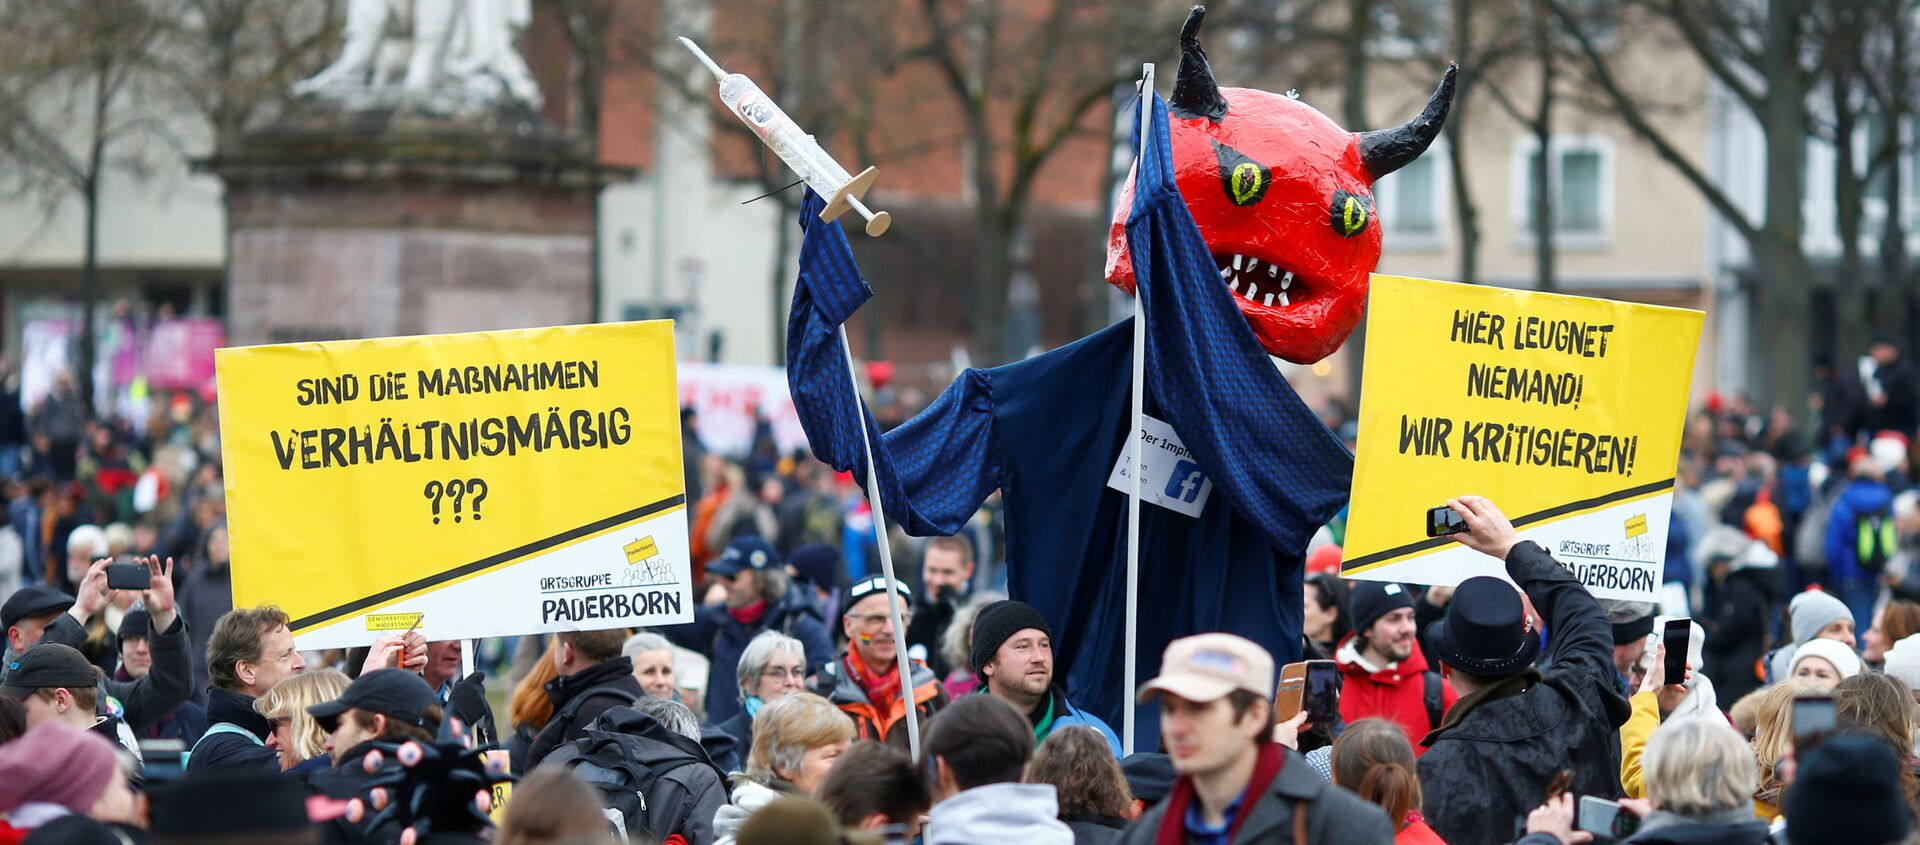 Акция протеста против мер по борьбе с коронавирусом в Касселе, Германия - Sputnik Грузия, 1920, 24.03.2021